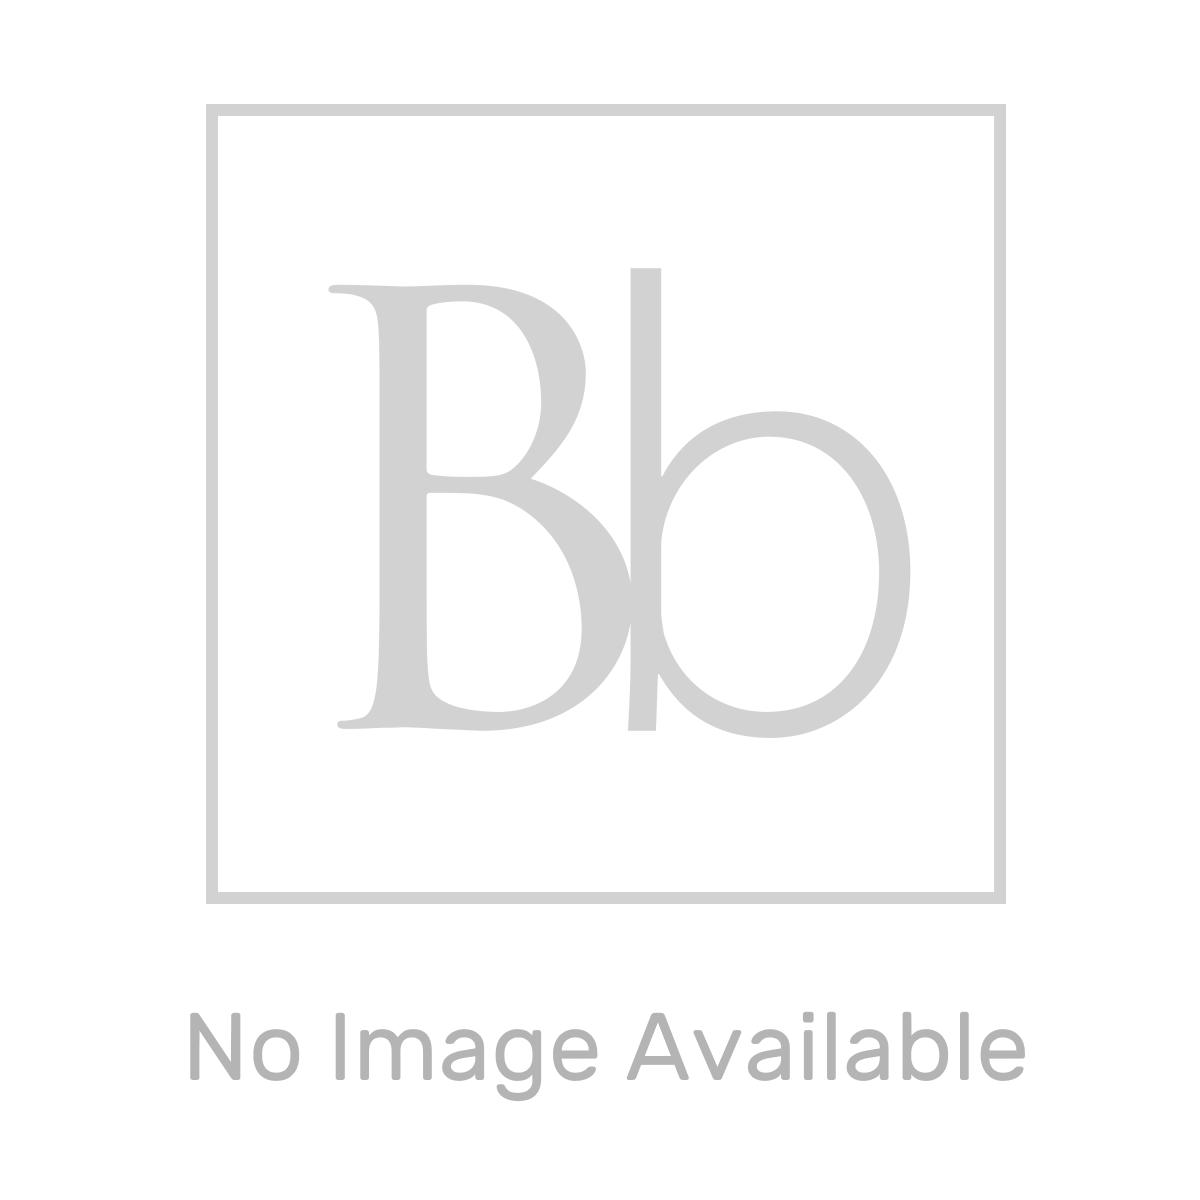 TMV3 Scheme Approved